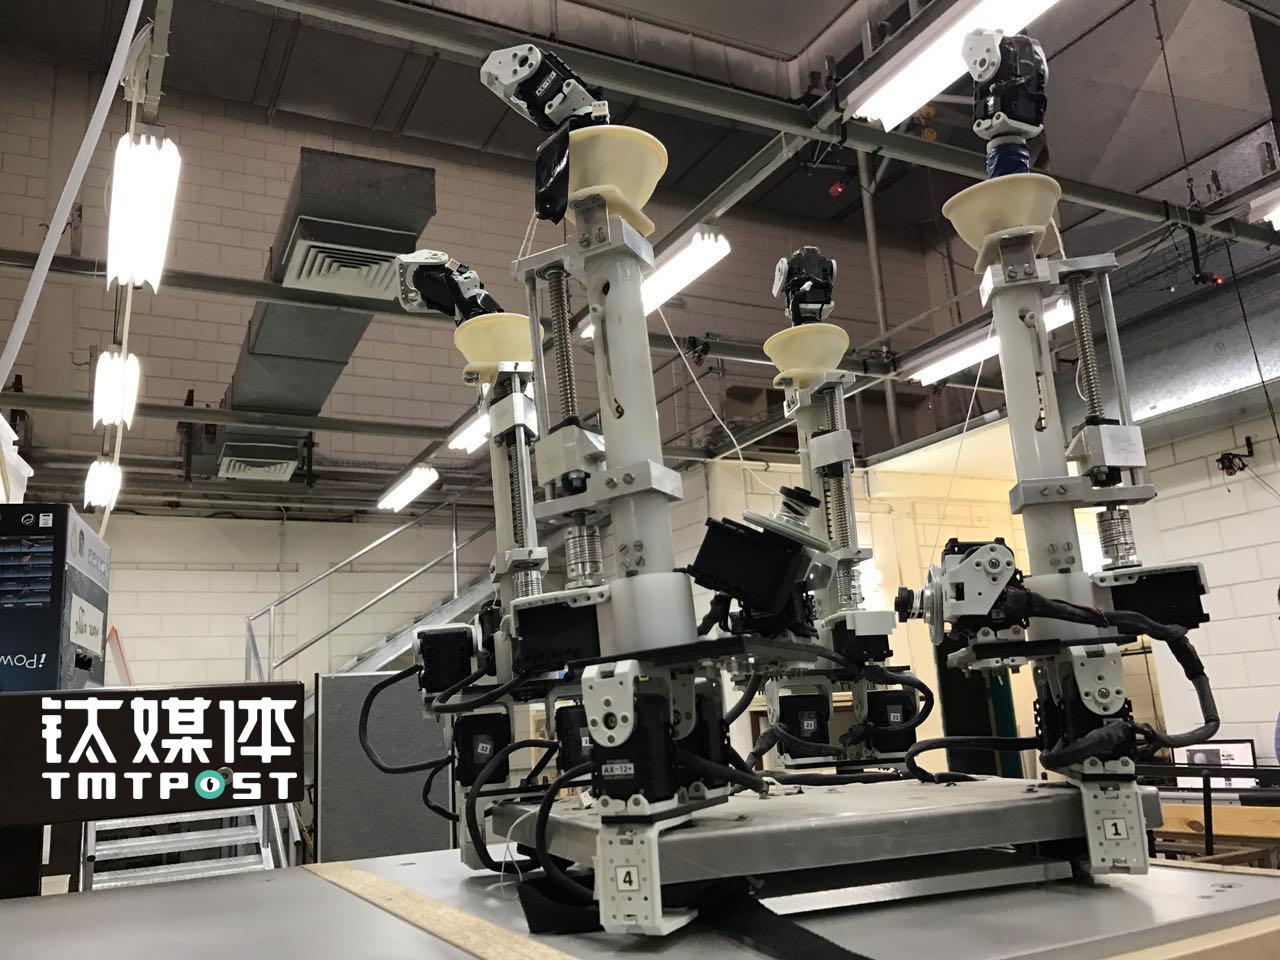 仿生蜘蛛机器人原型机,由于在军用、警用、消防等特种环境下的应用前景,已经与以色列国防部签订合作协议。